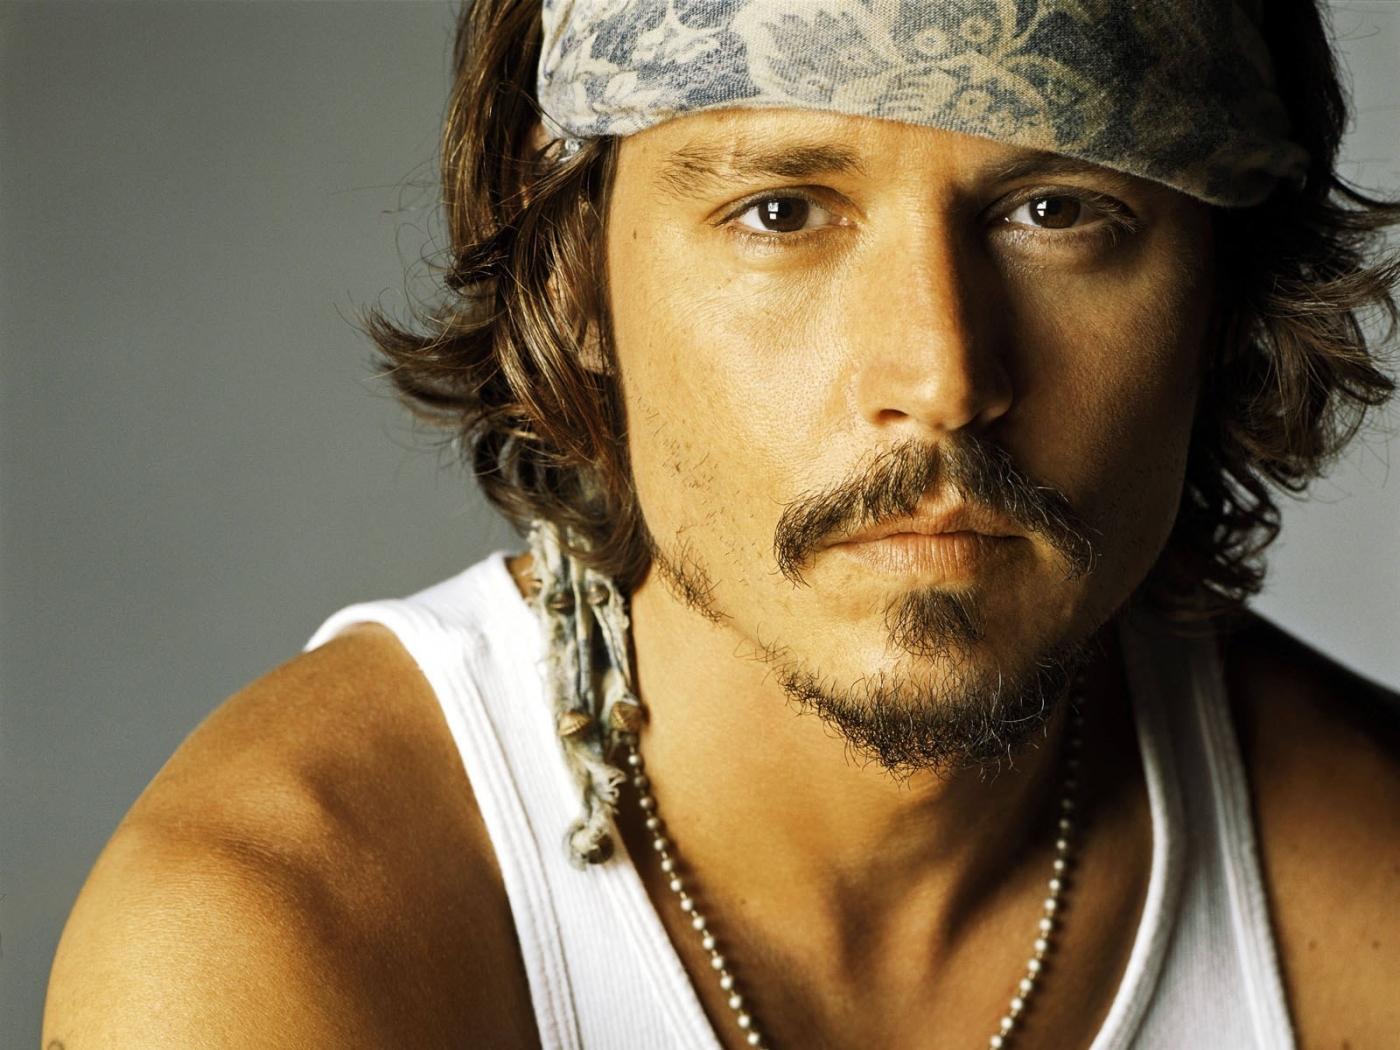 29383 Заставки и Обои Джонни Депп (Johnny Depp) на телефон. Скачать Люди, Актеры, Мужчины, Джонни Депп (Johnny Depp) картинки бесплатно